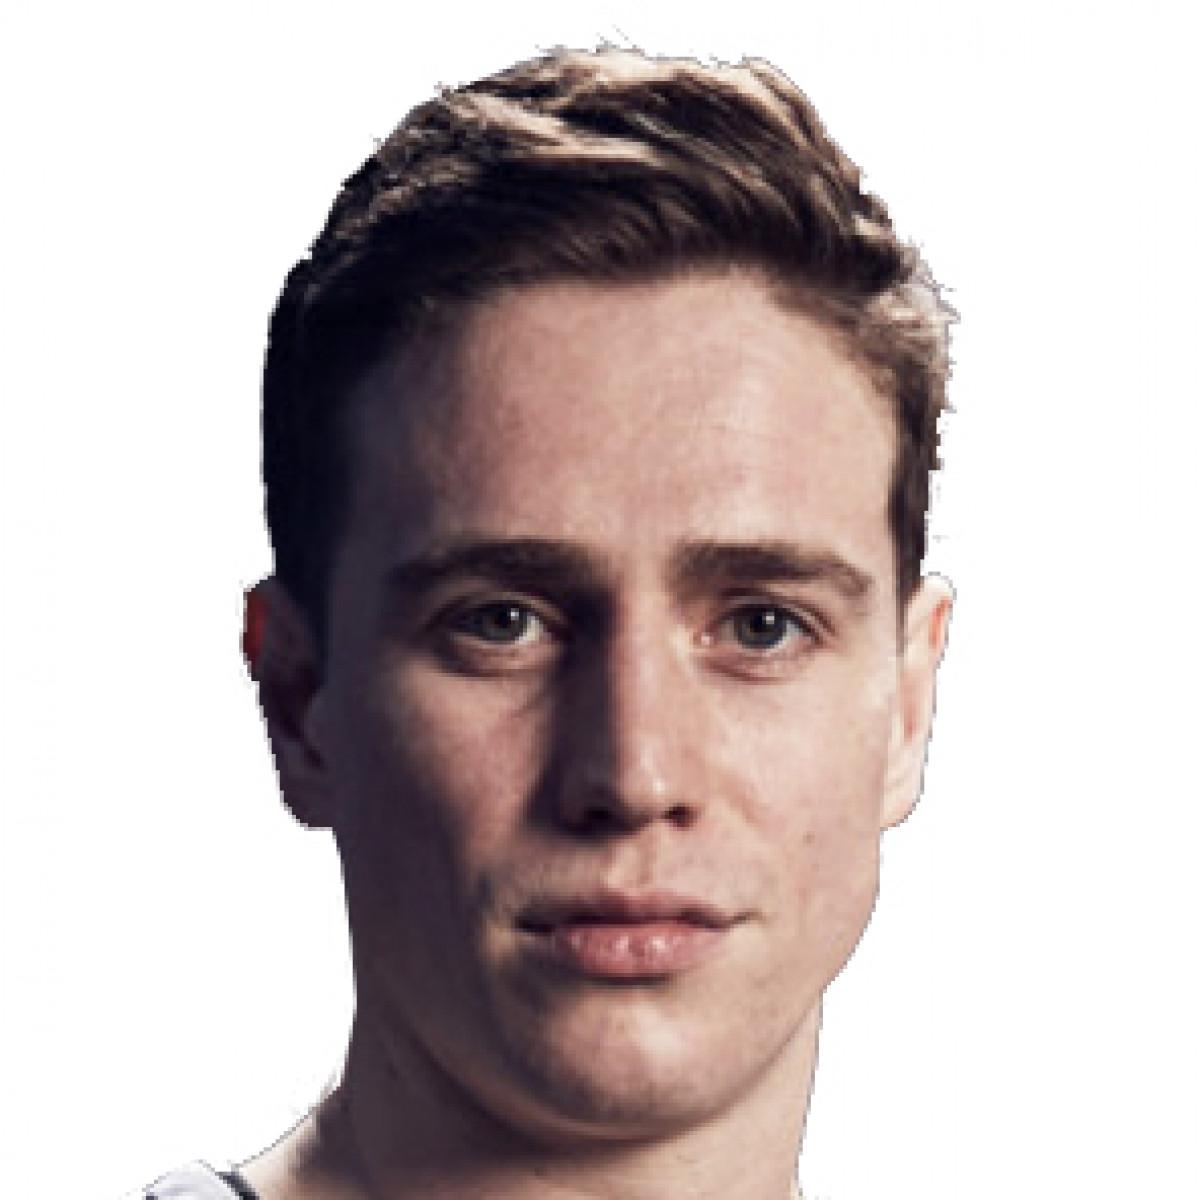 Matthew Van Tongeren